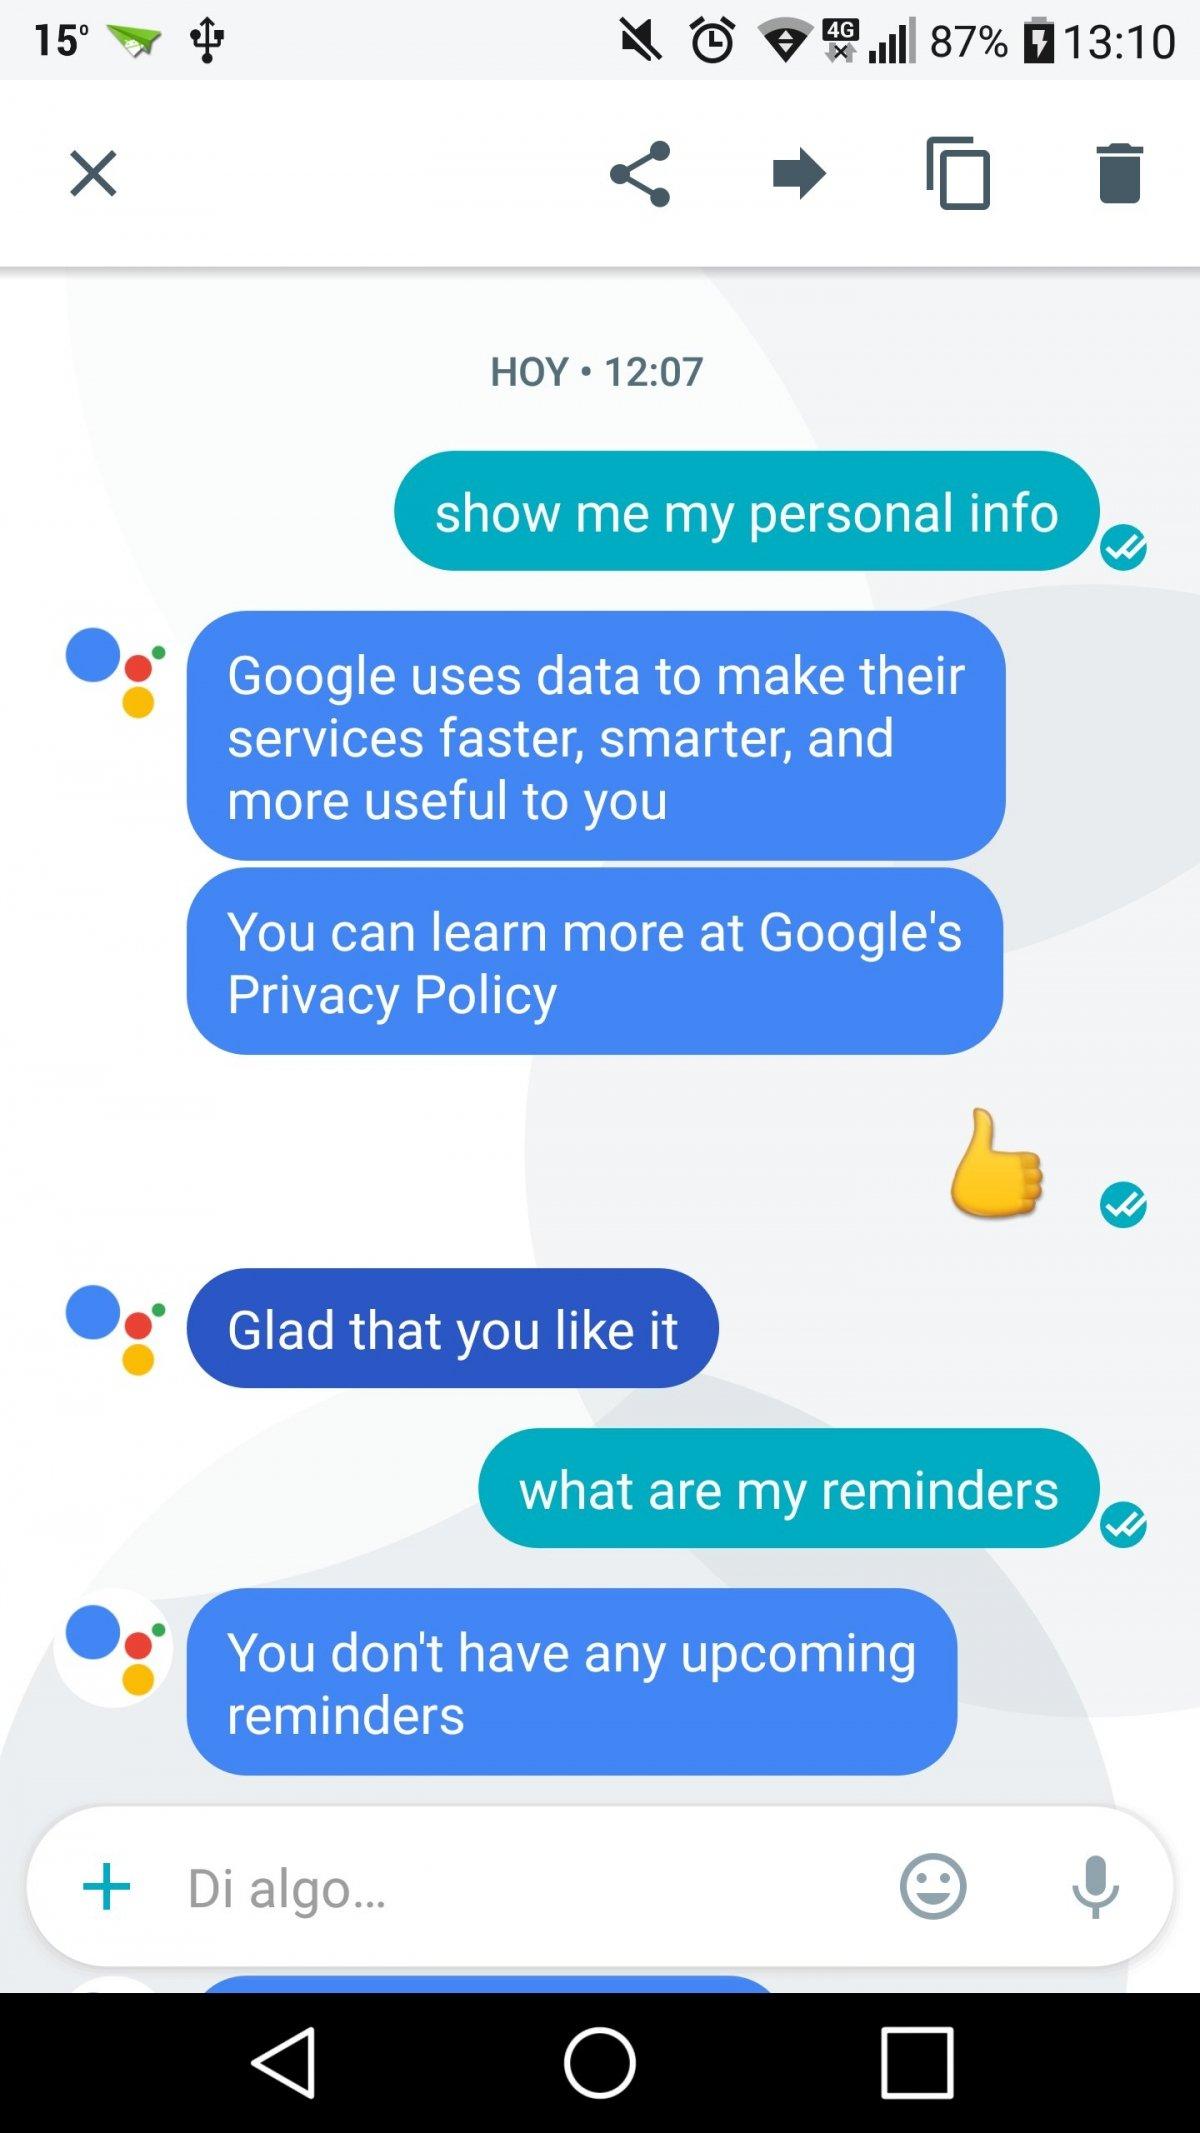 Usar Google Assistant para obtener nuestra información personal